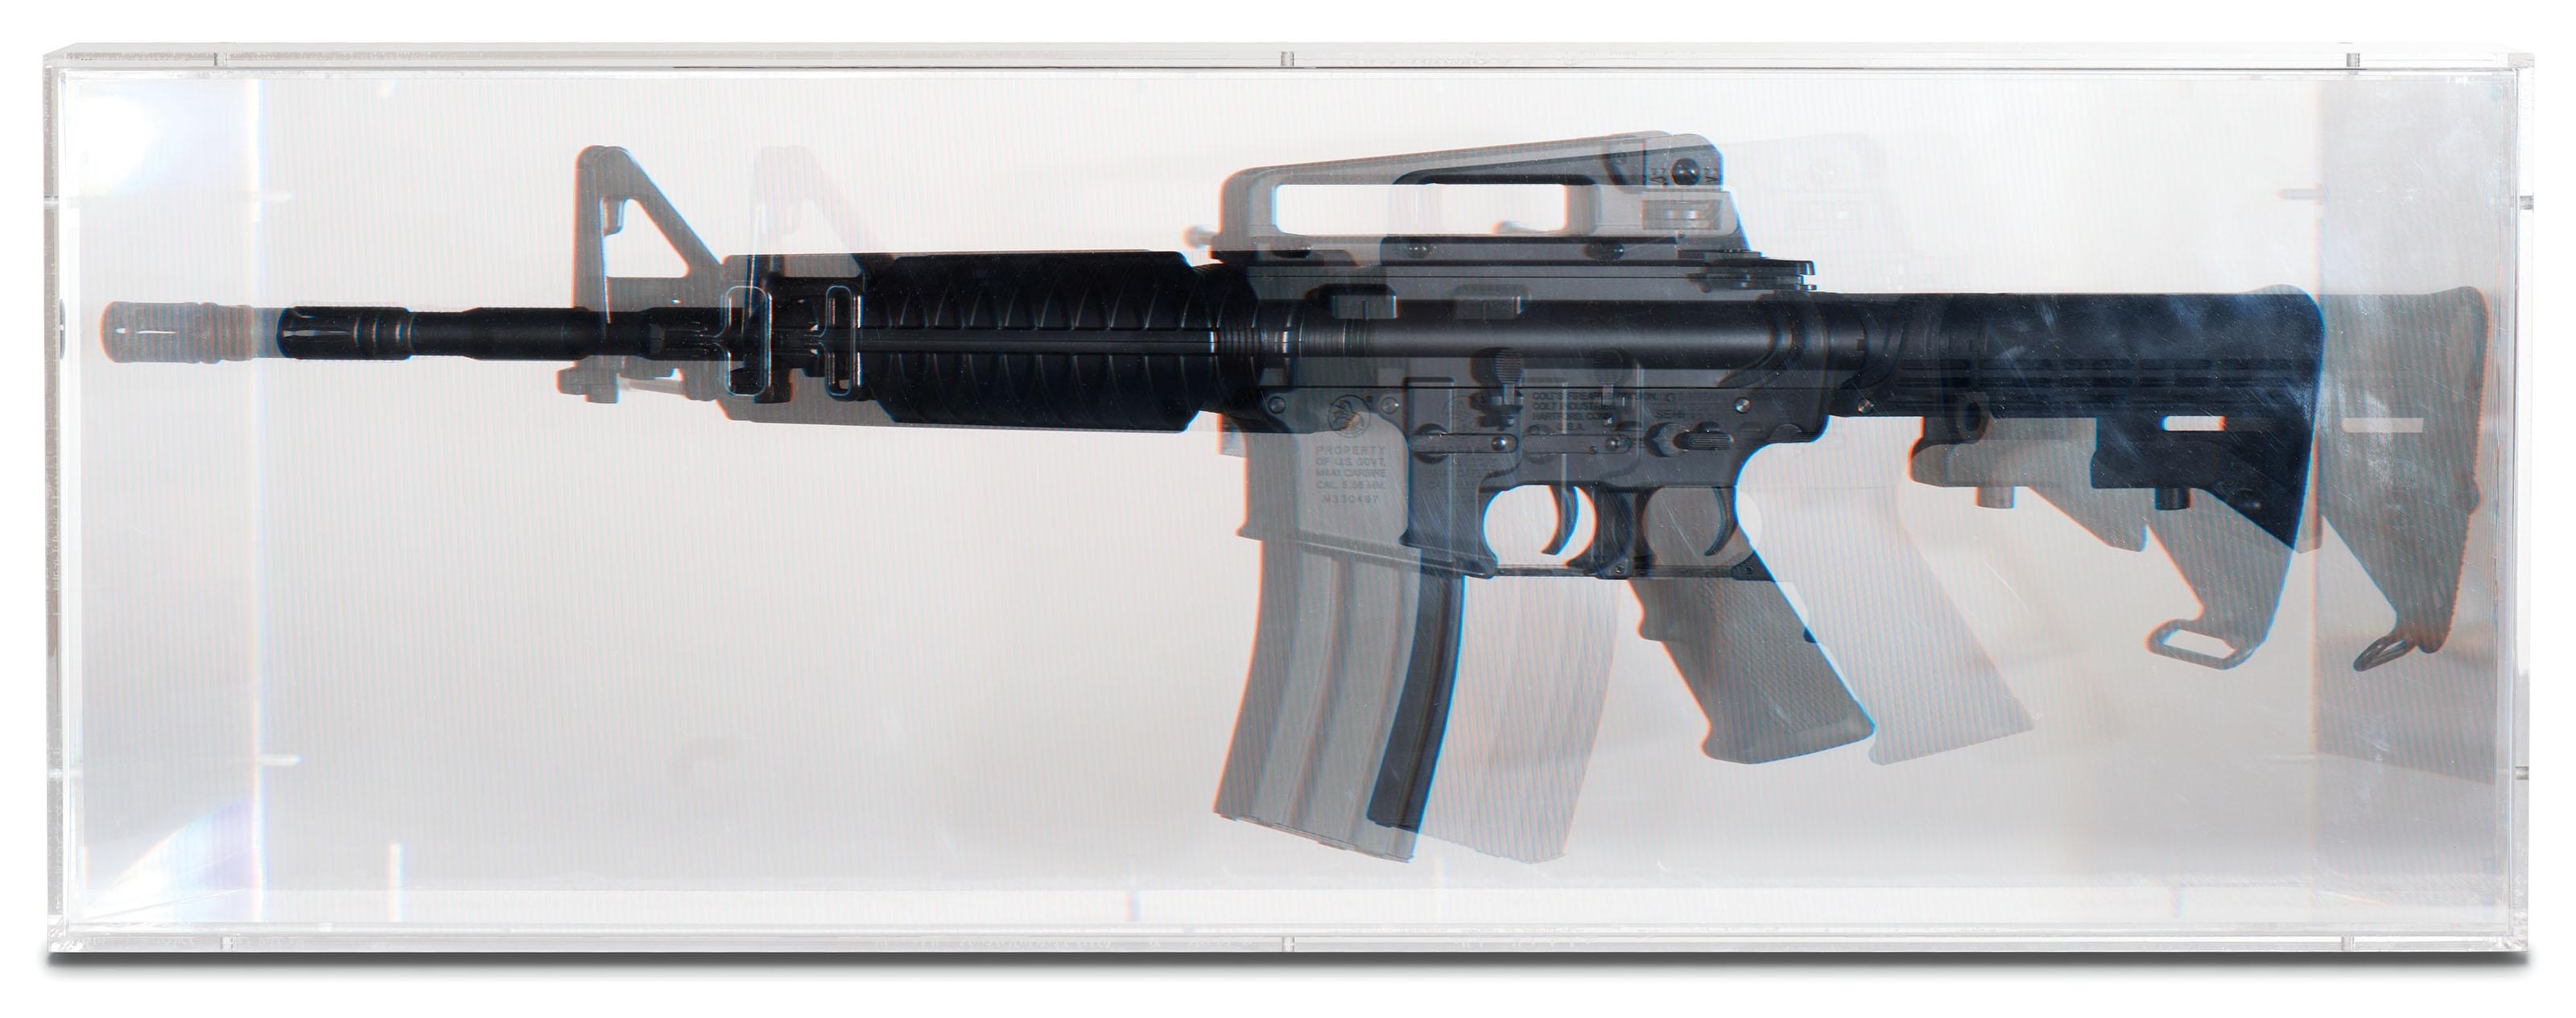 Pixcell: Toy Machine Gun